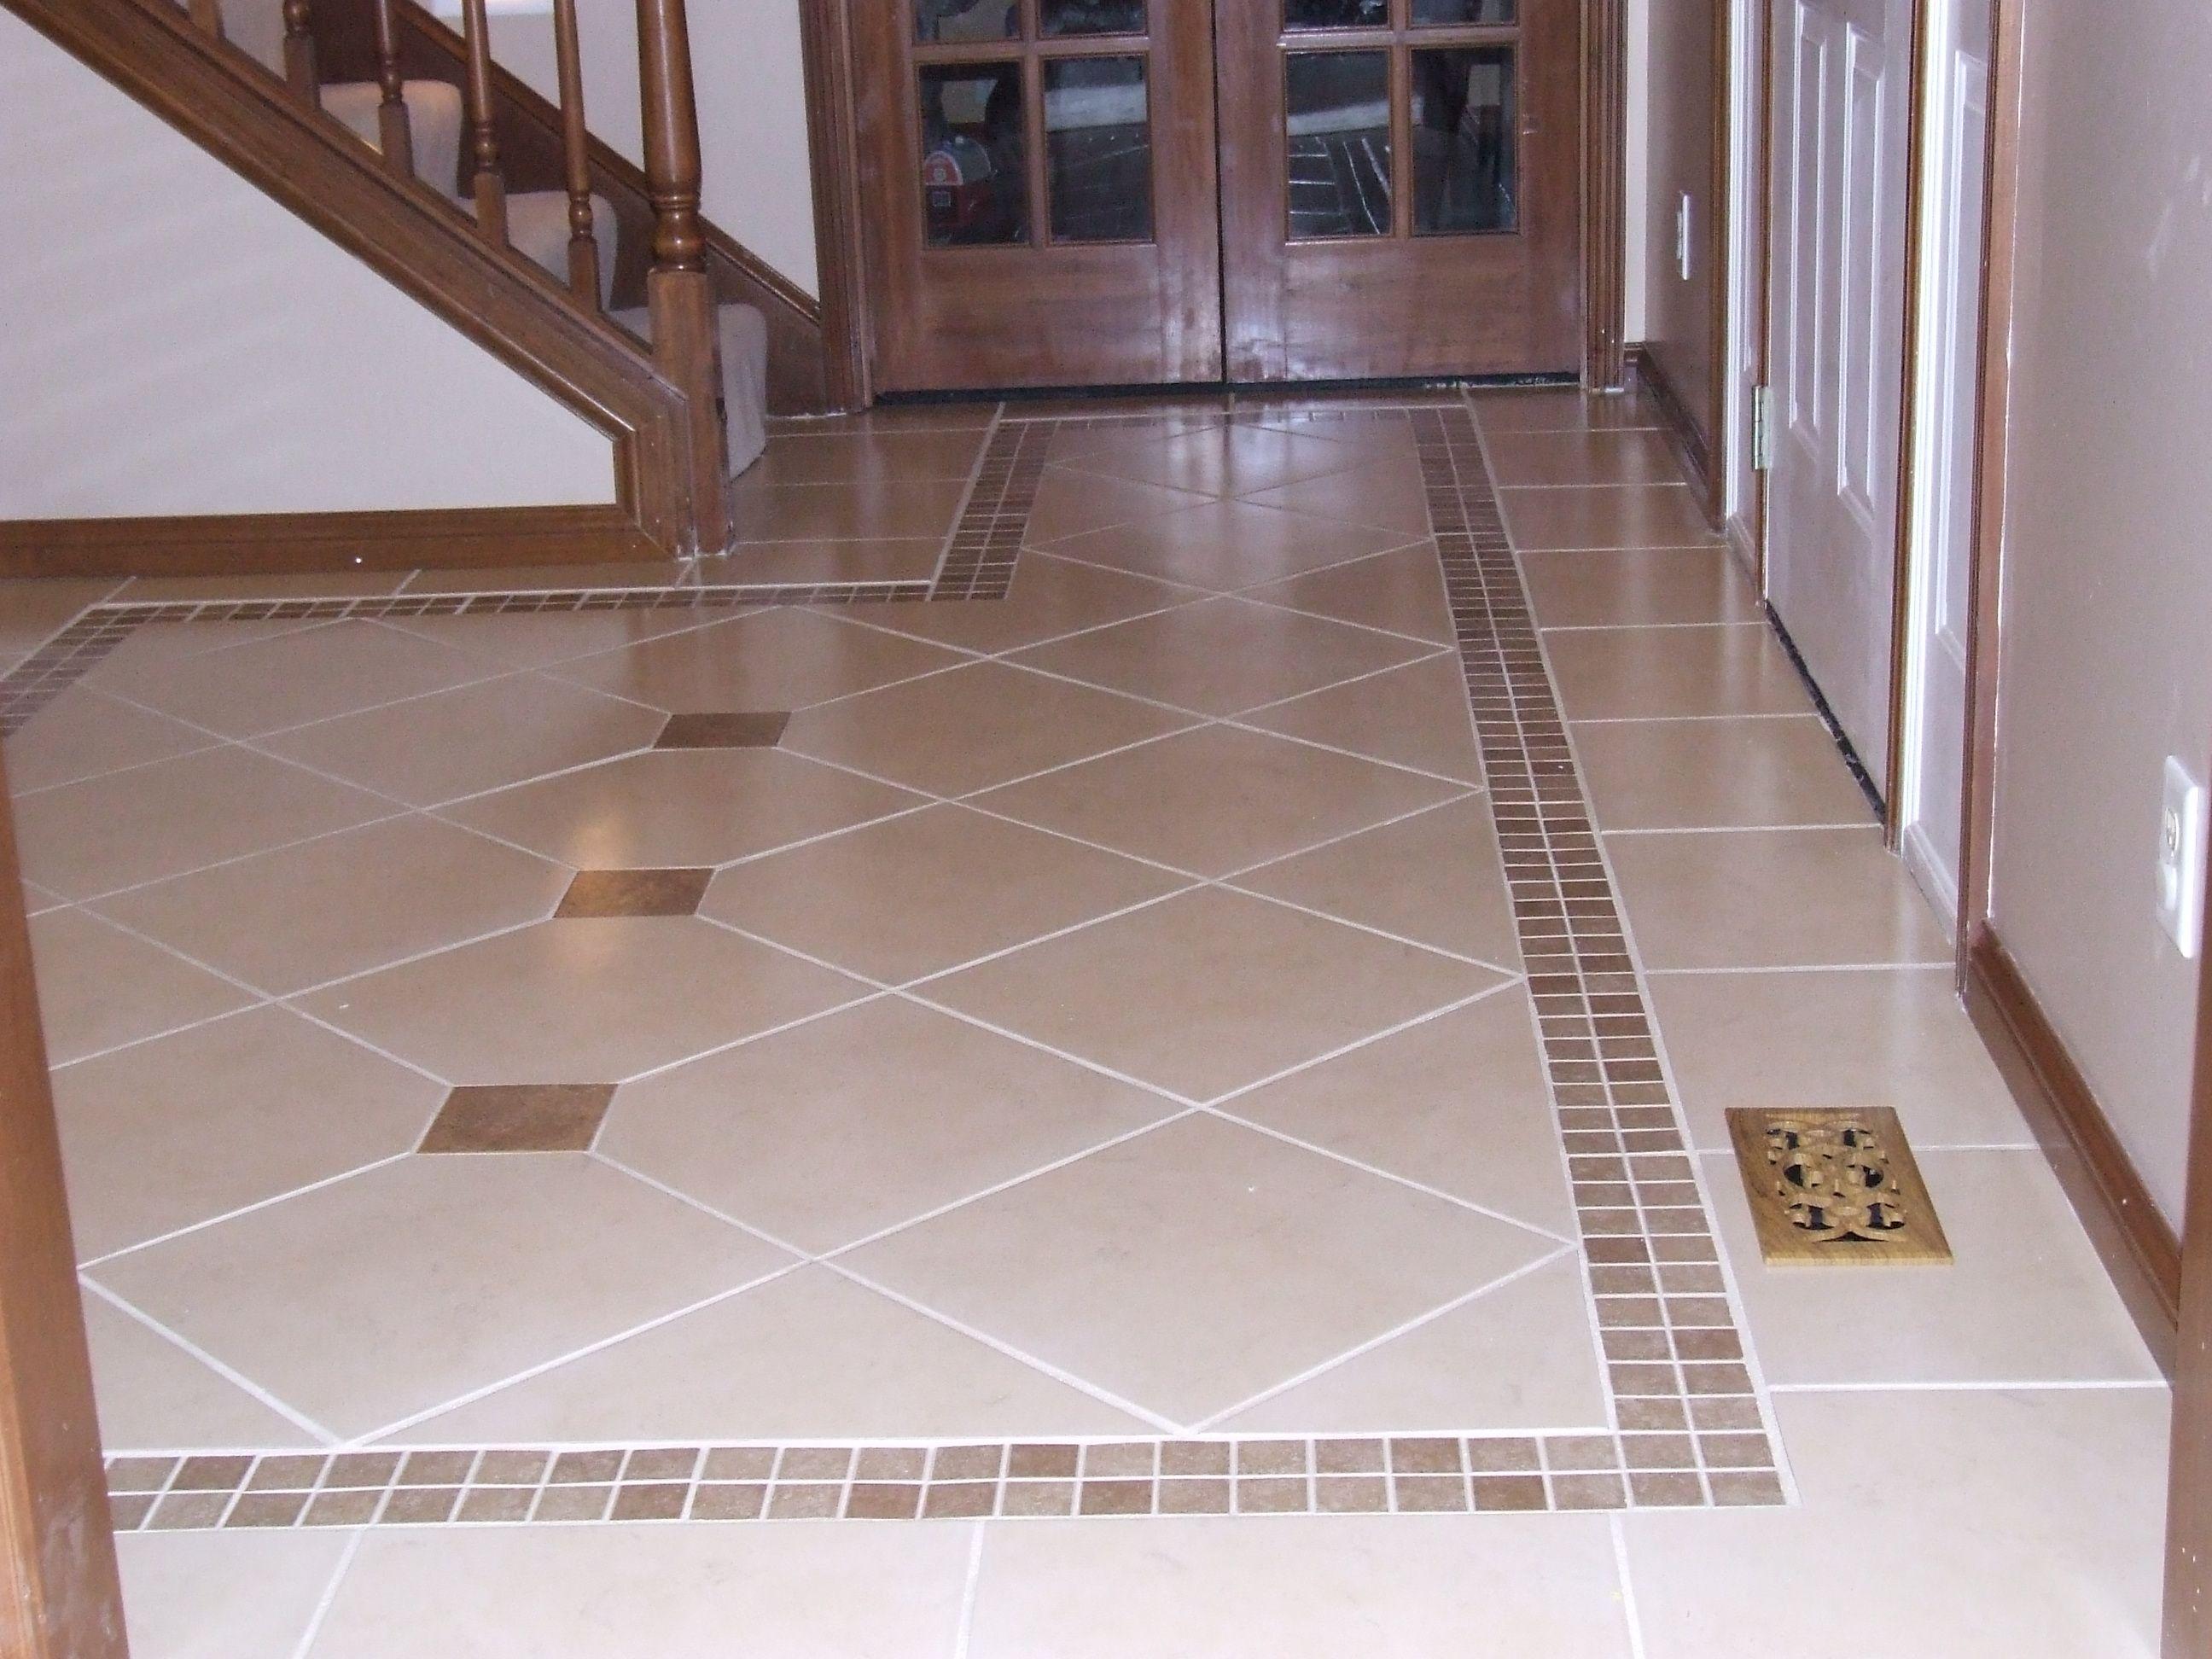 Floortiledesign2 2592×1944  Front Entrance  Pinterest Cool Kitchen Floor Tile Design Patterns Decorating Design